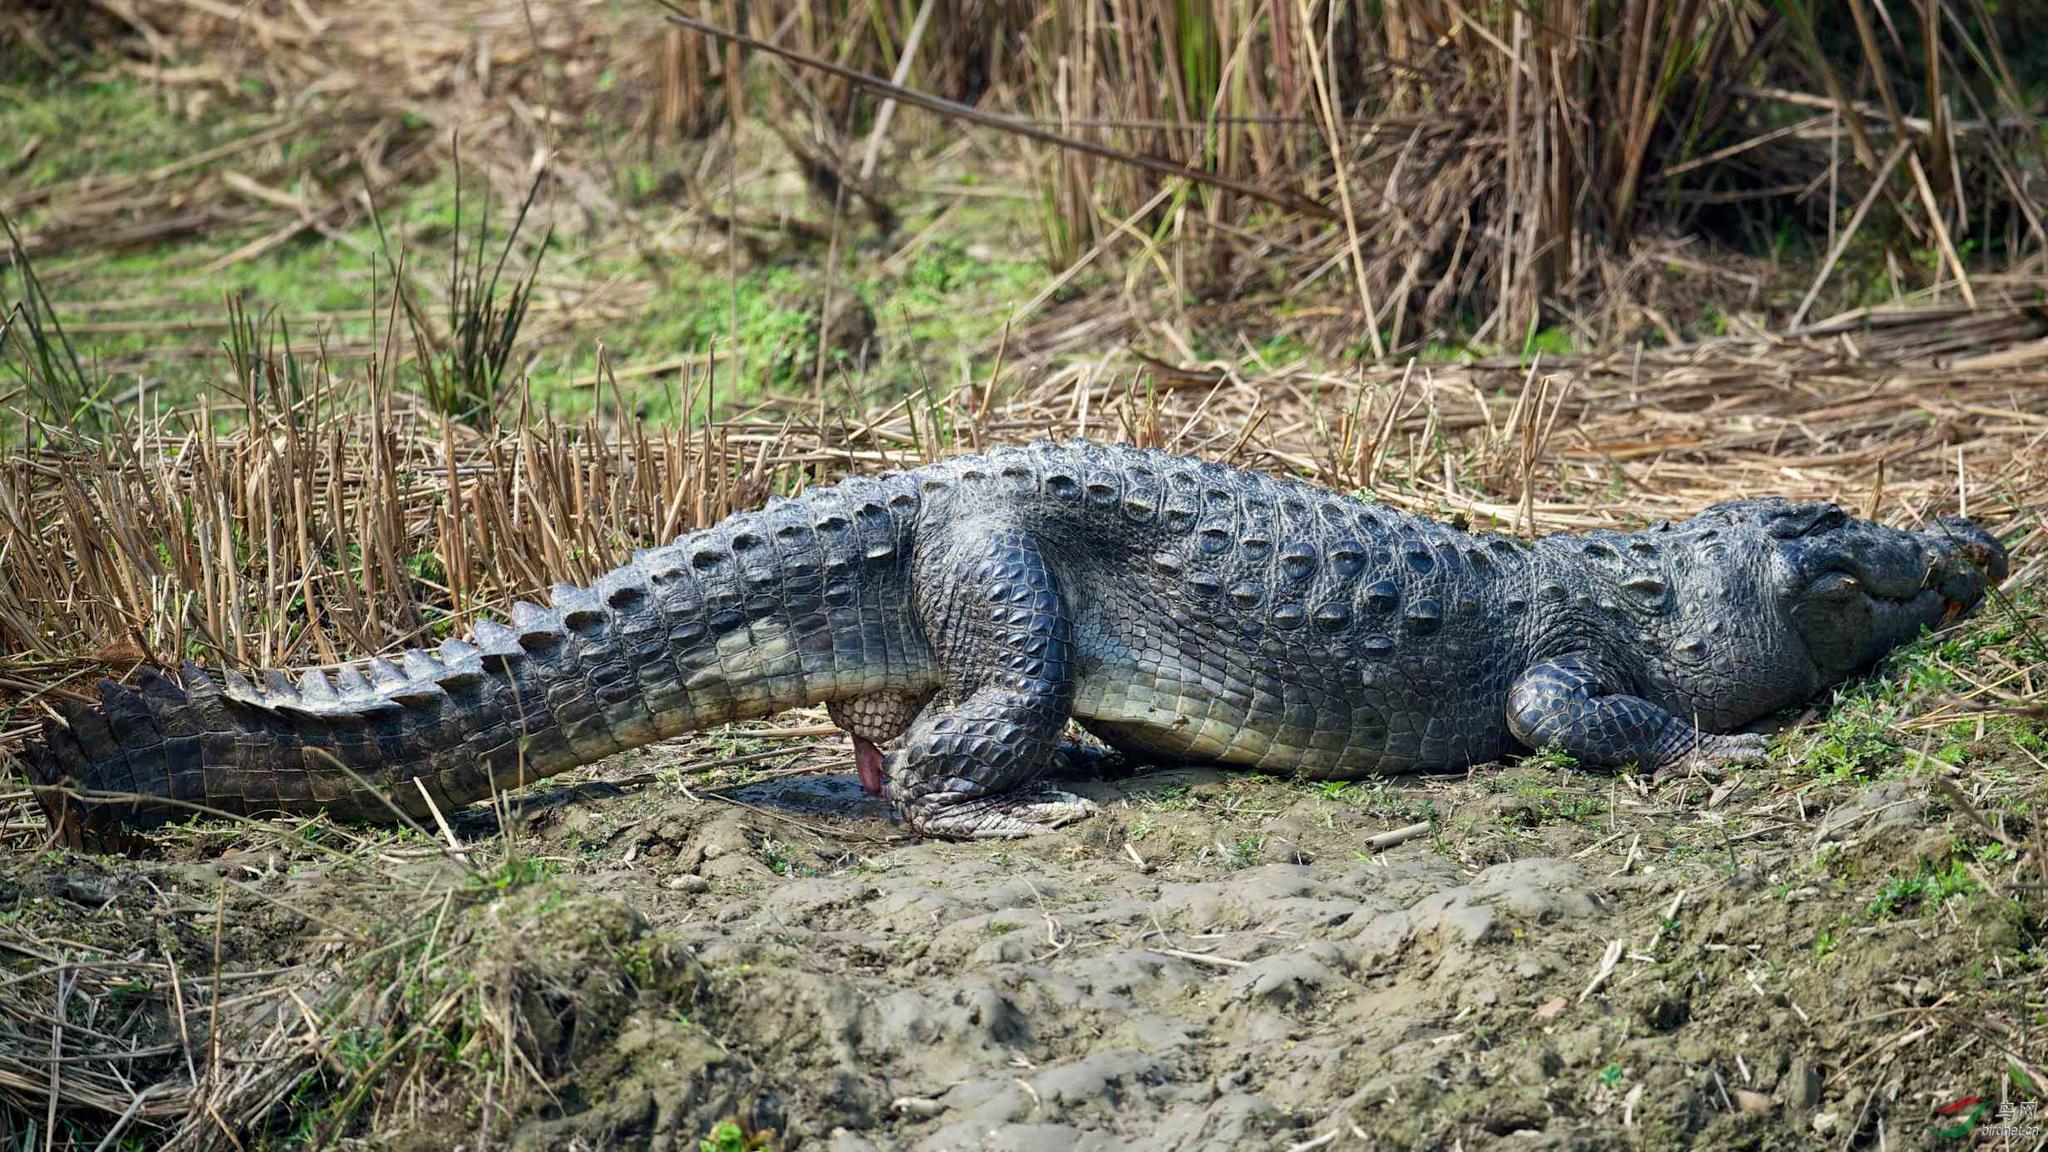 鳄鱼会翻墙美国一条短吻鳄翻过围栏进入海军基地